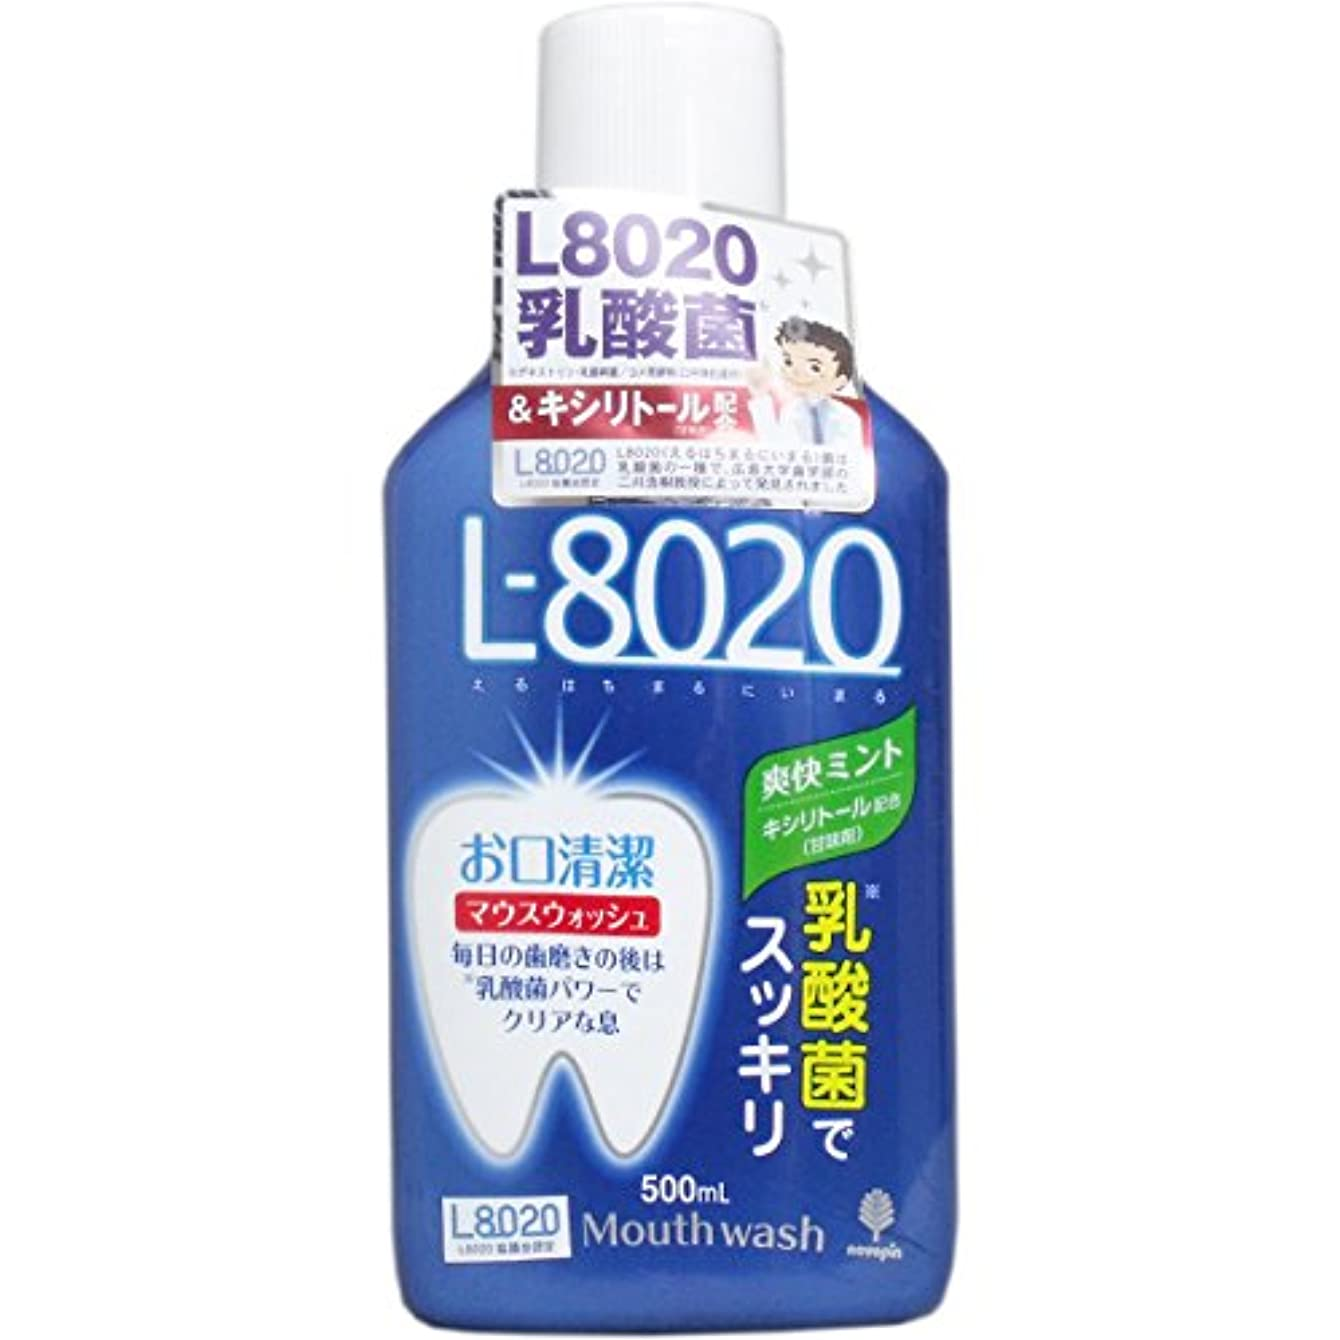 フライト油本物のクチュッペ L-8020 マウスウォッシュ 爽快ミント アルコール 500mL